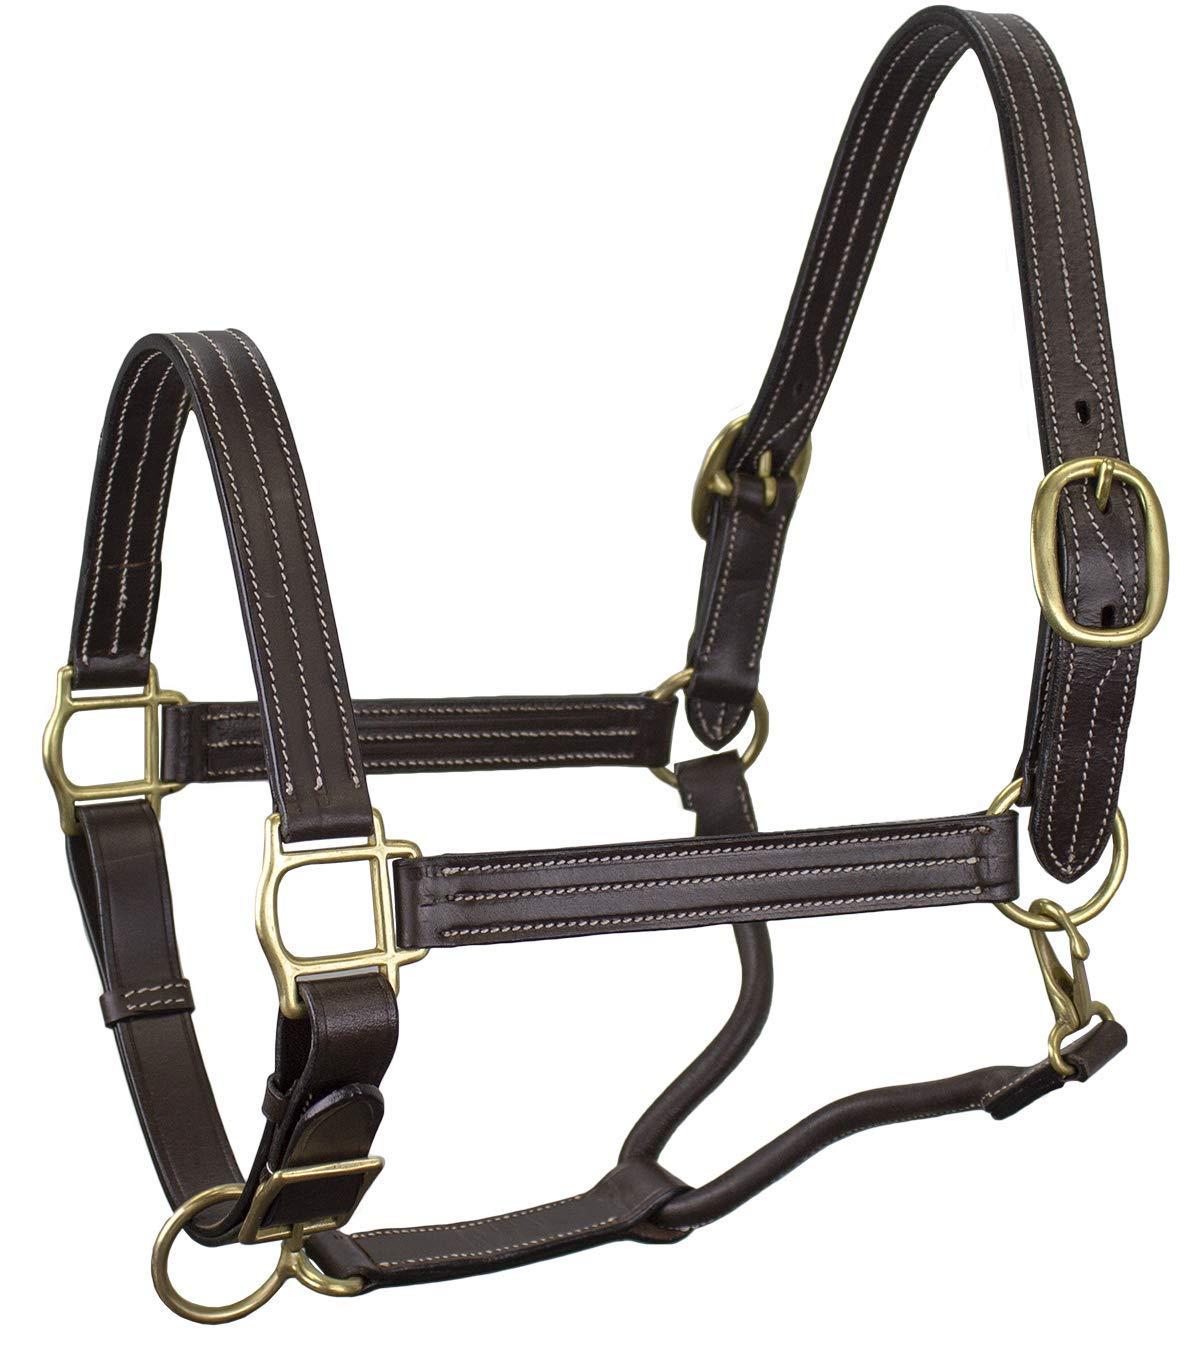 ダービーOriginals Havanaトリプルステッチレザー調節可能な馬ホルターフルHorse & COBサイズ Full Horse ハバナ B07FT7H4Z4